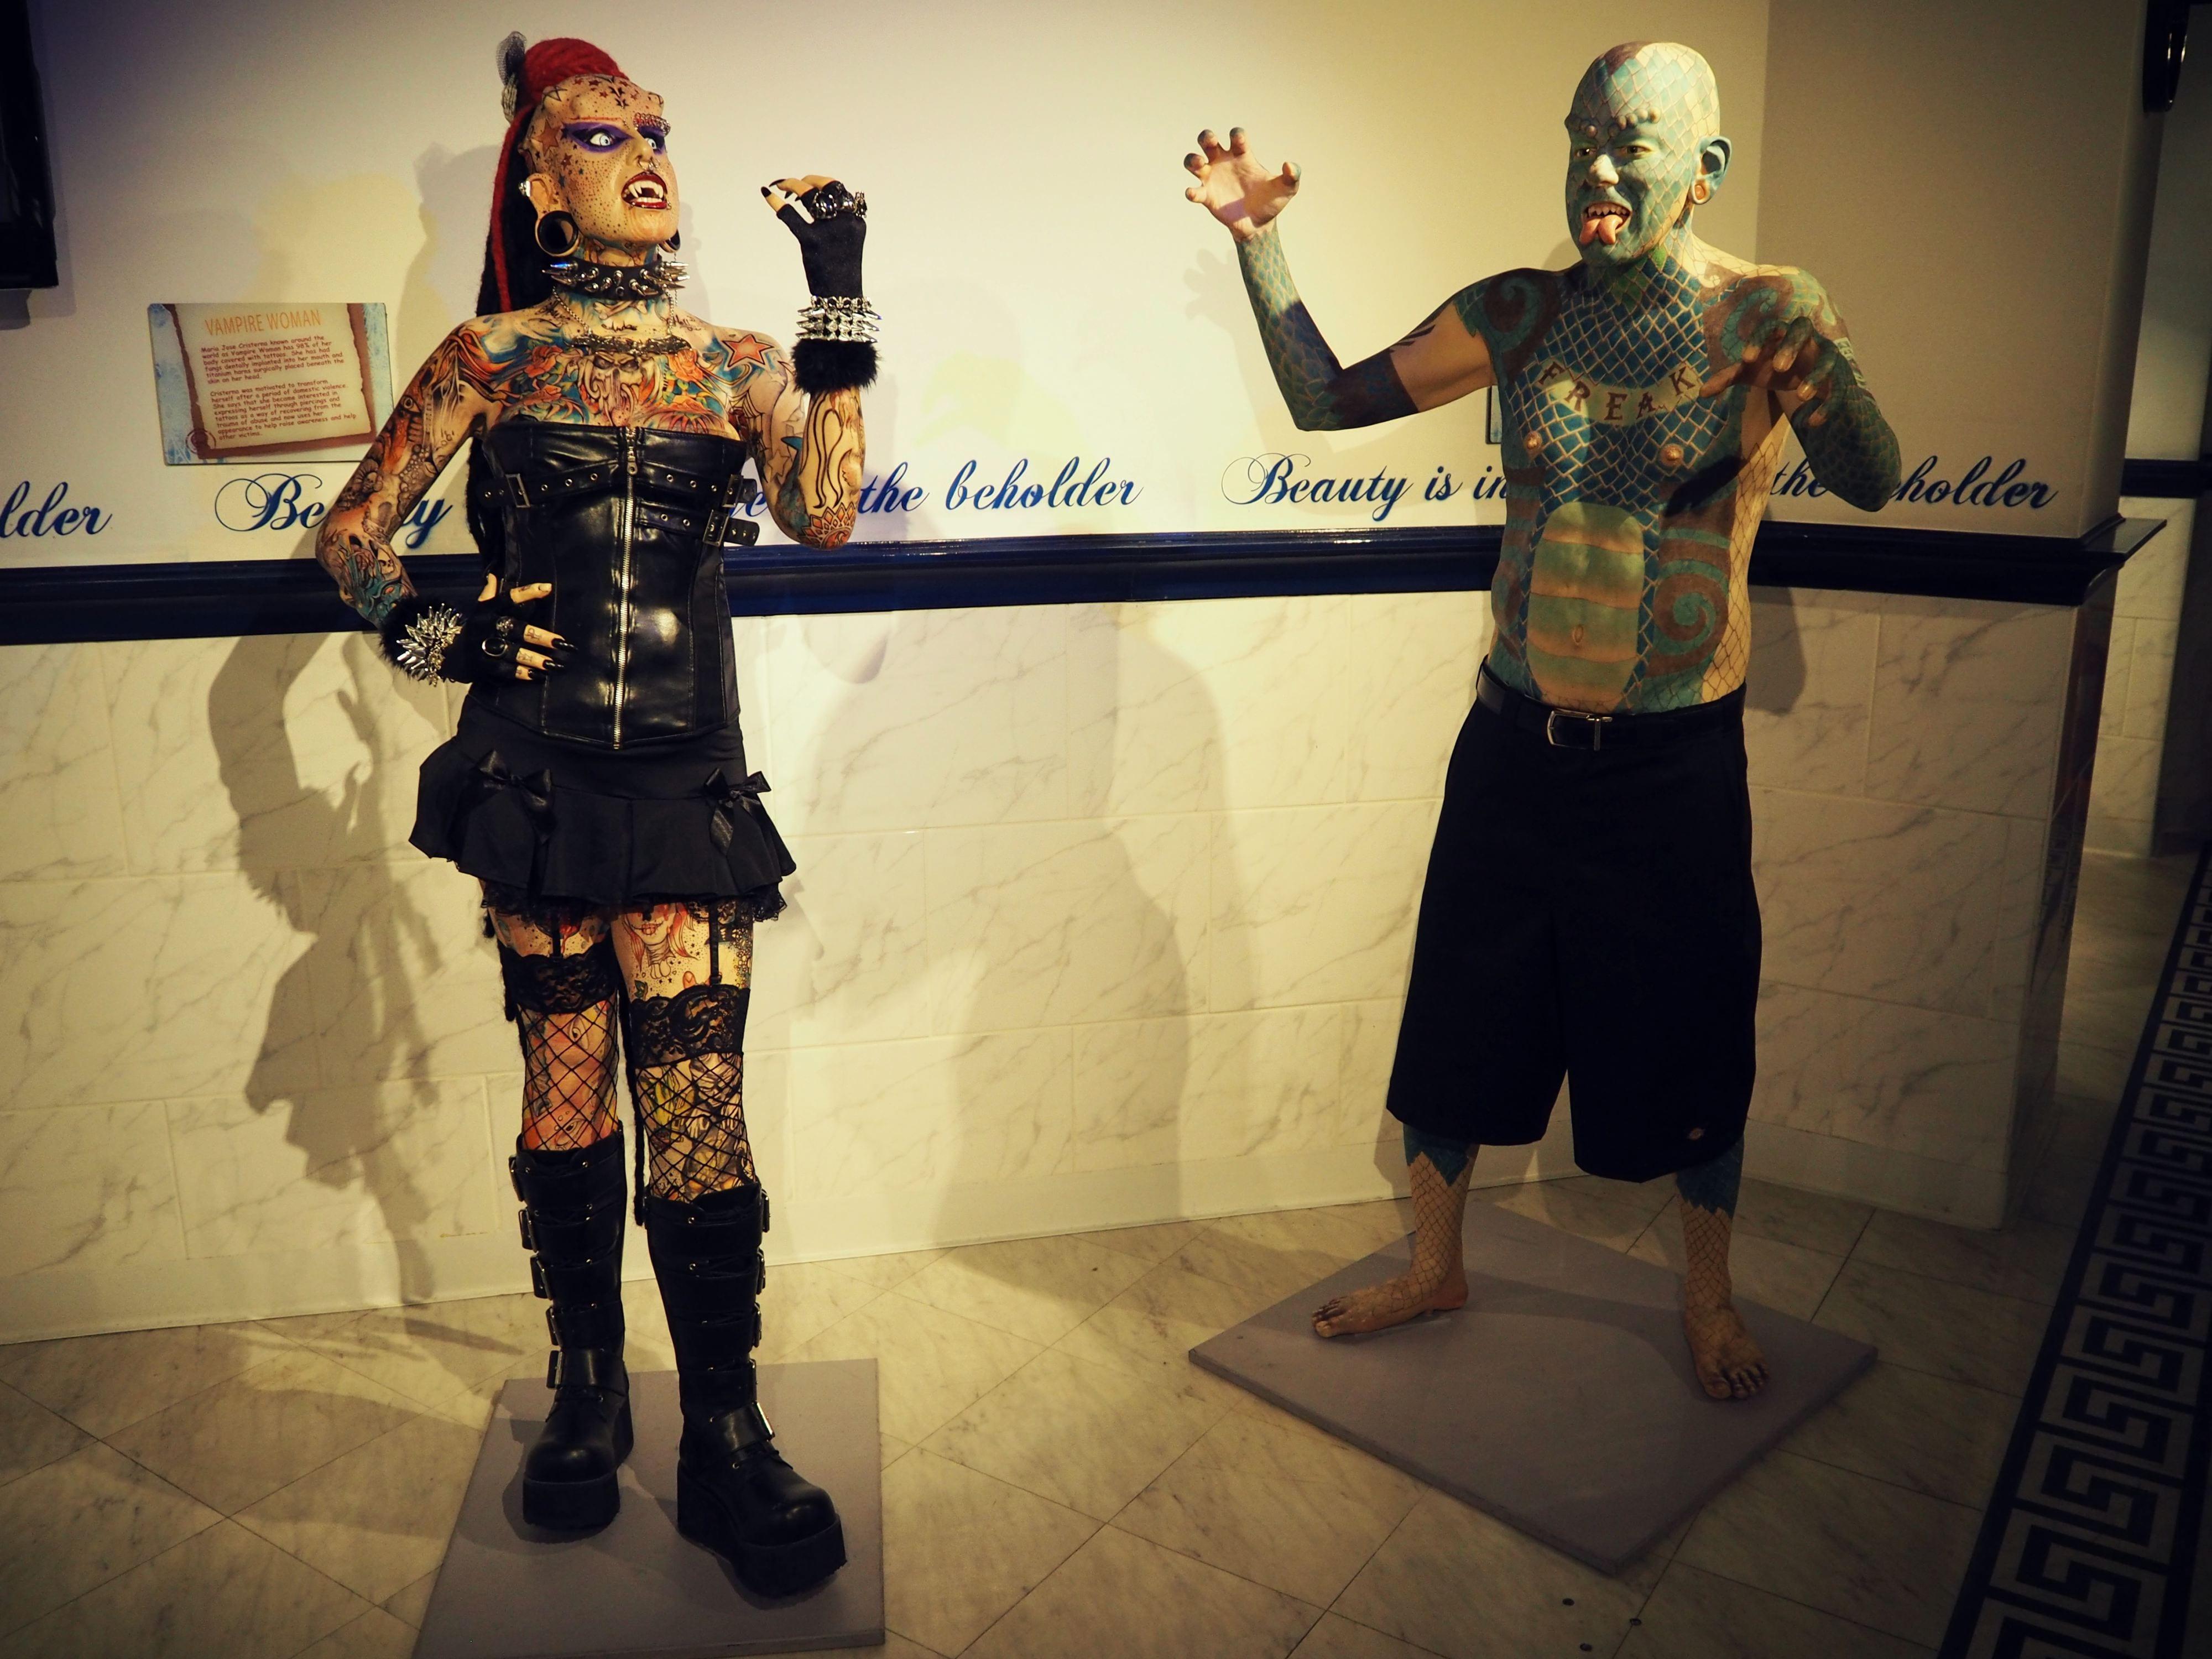 Moderne Kunst? Diese beiden Kandidaten schocken durch ihre Tattoos und Piercings